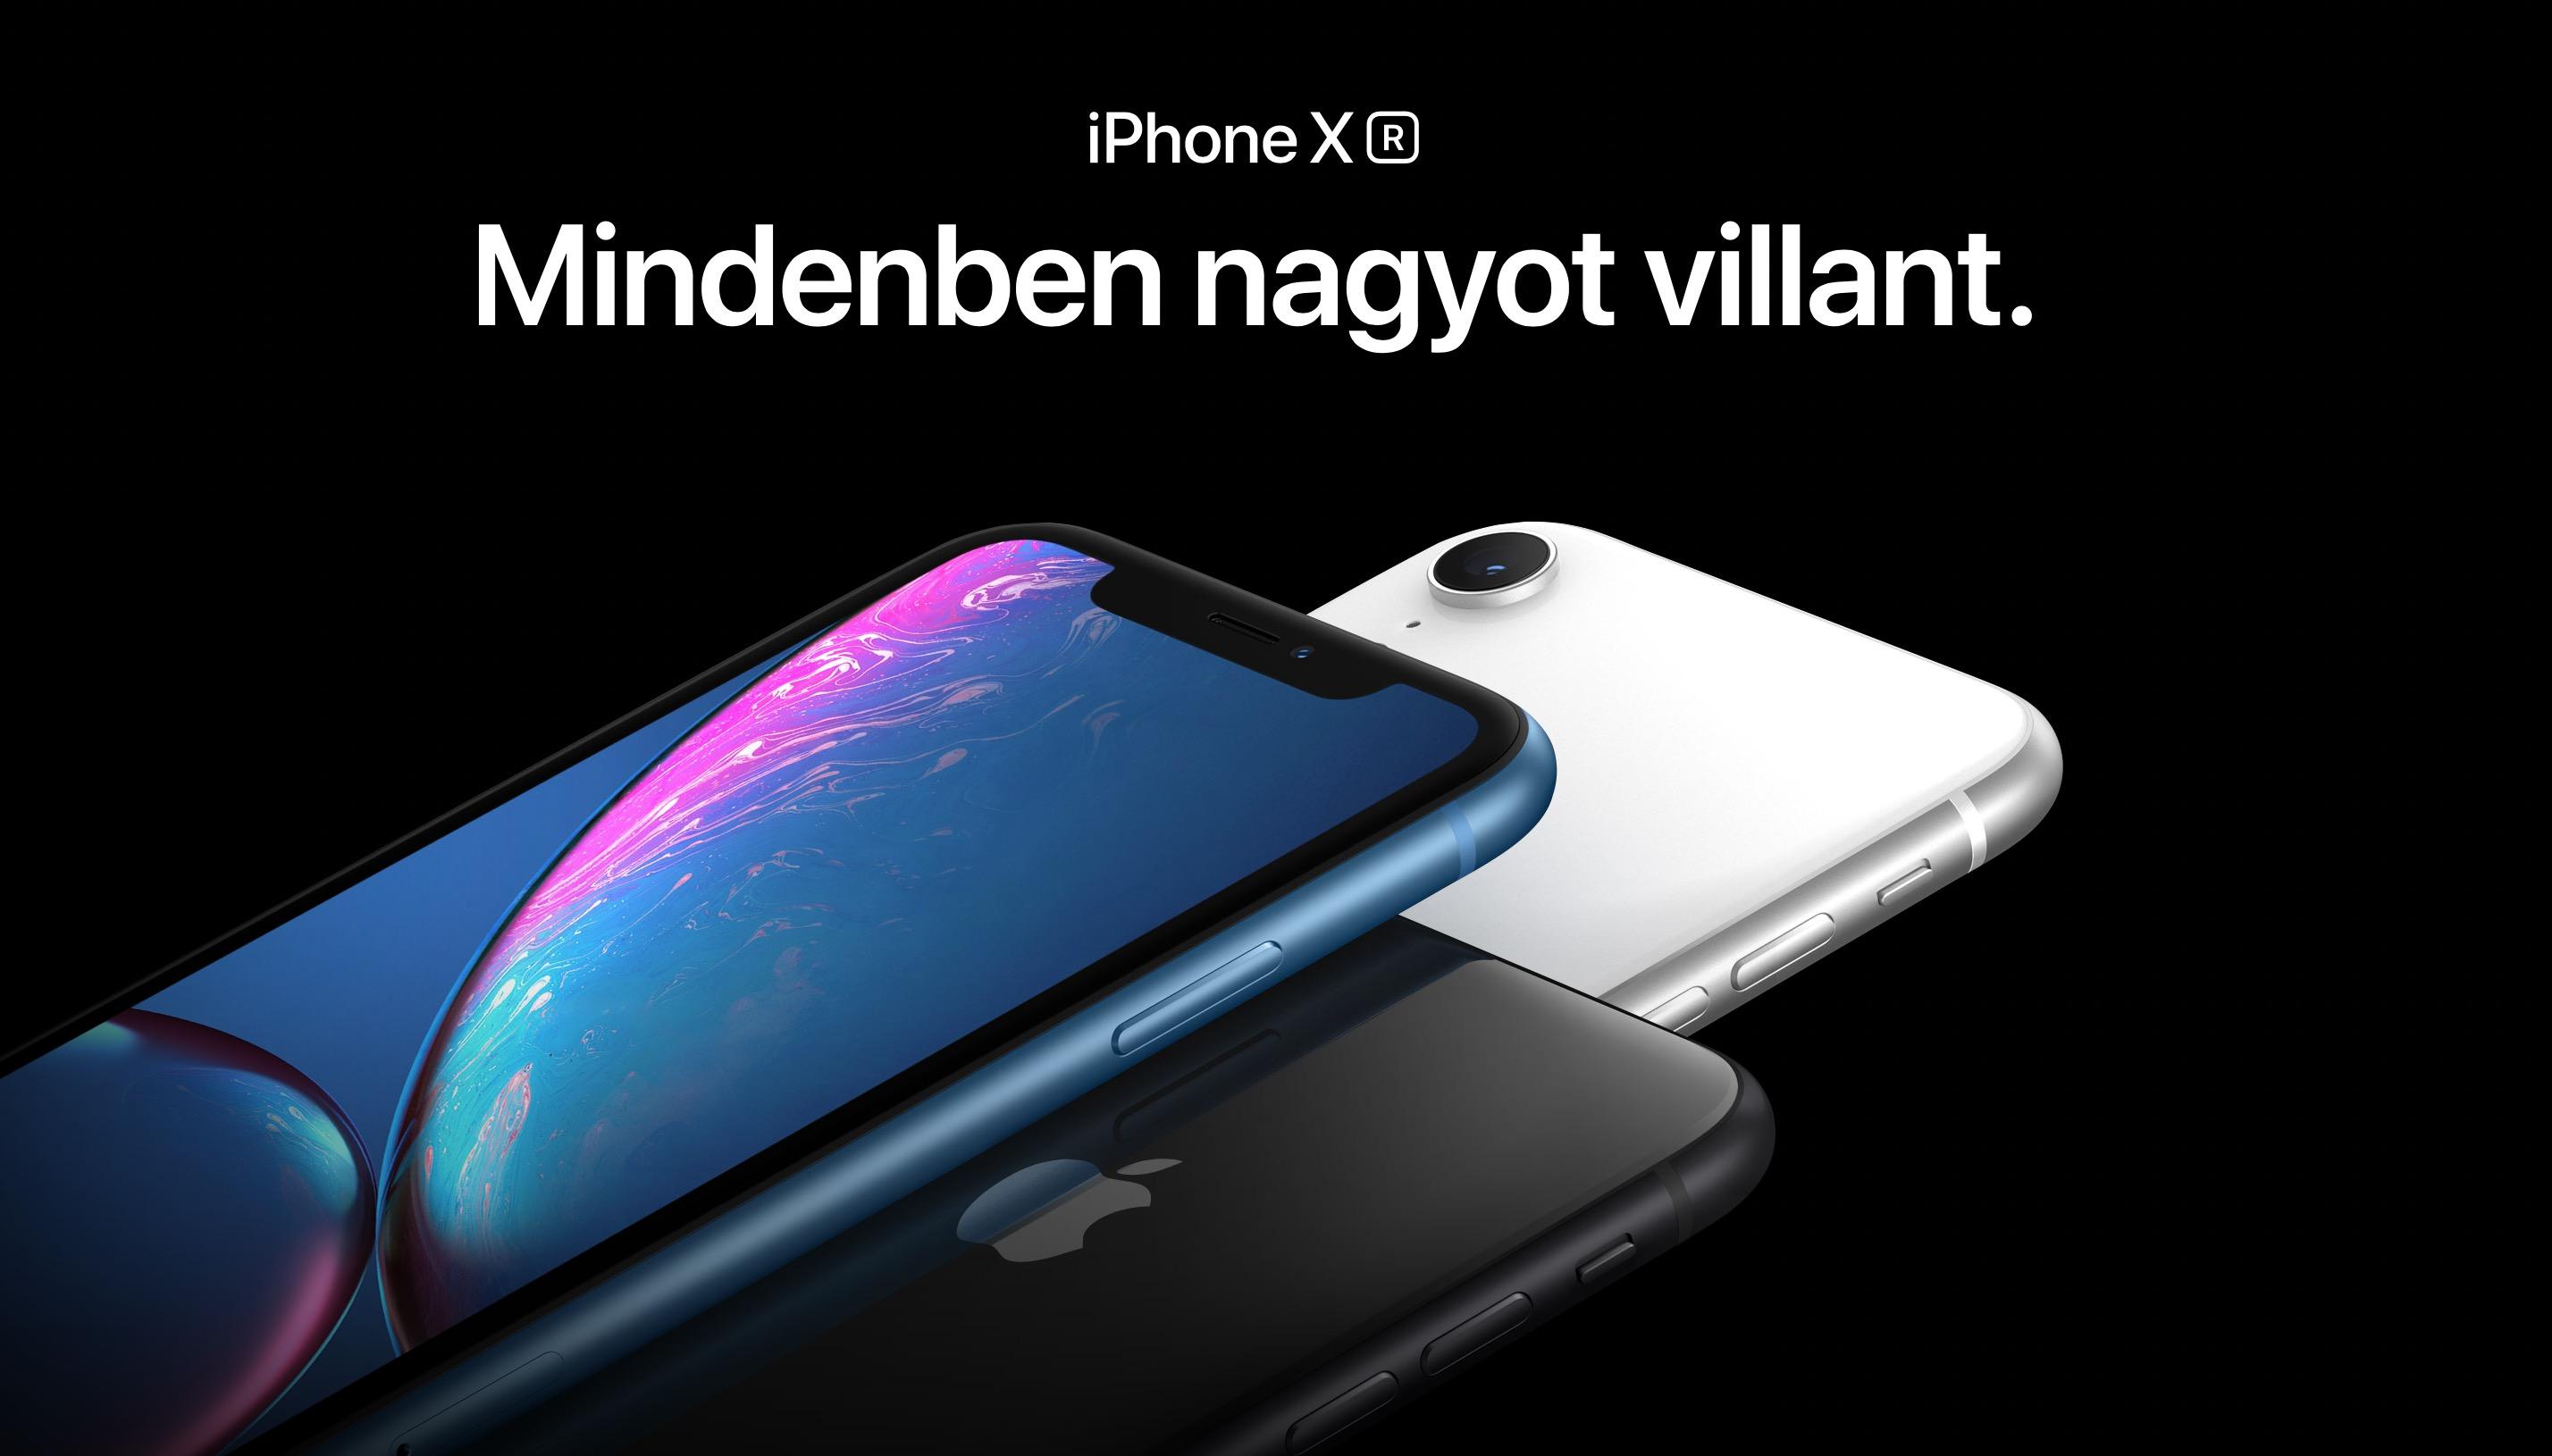 Most már biztos, hogy ekkor indul itthon az iPhone XR